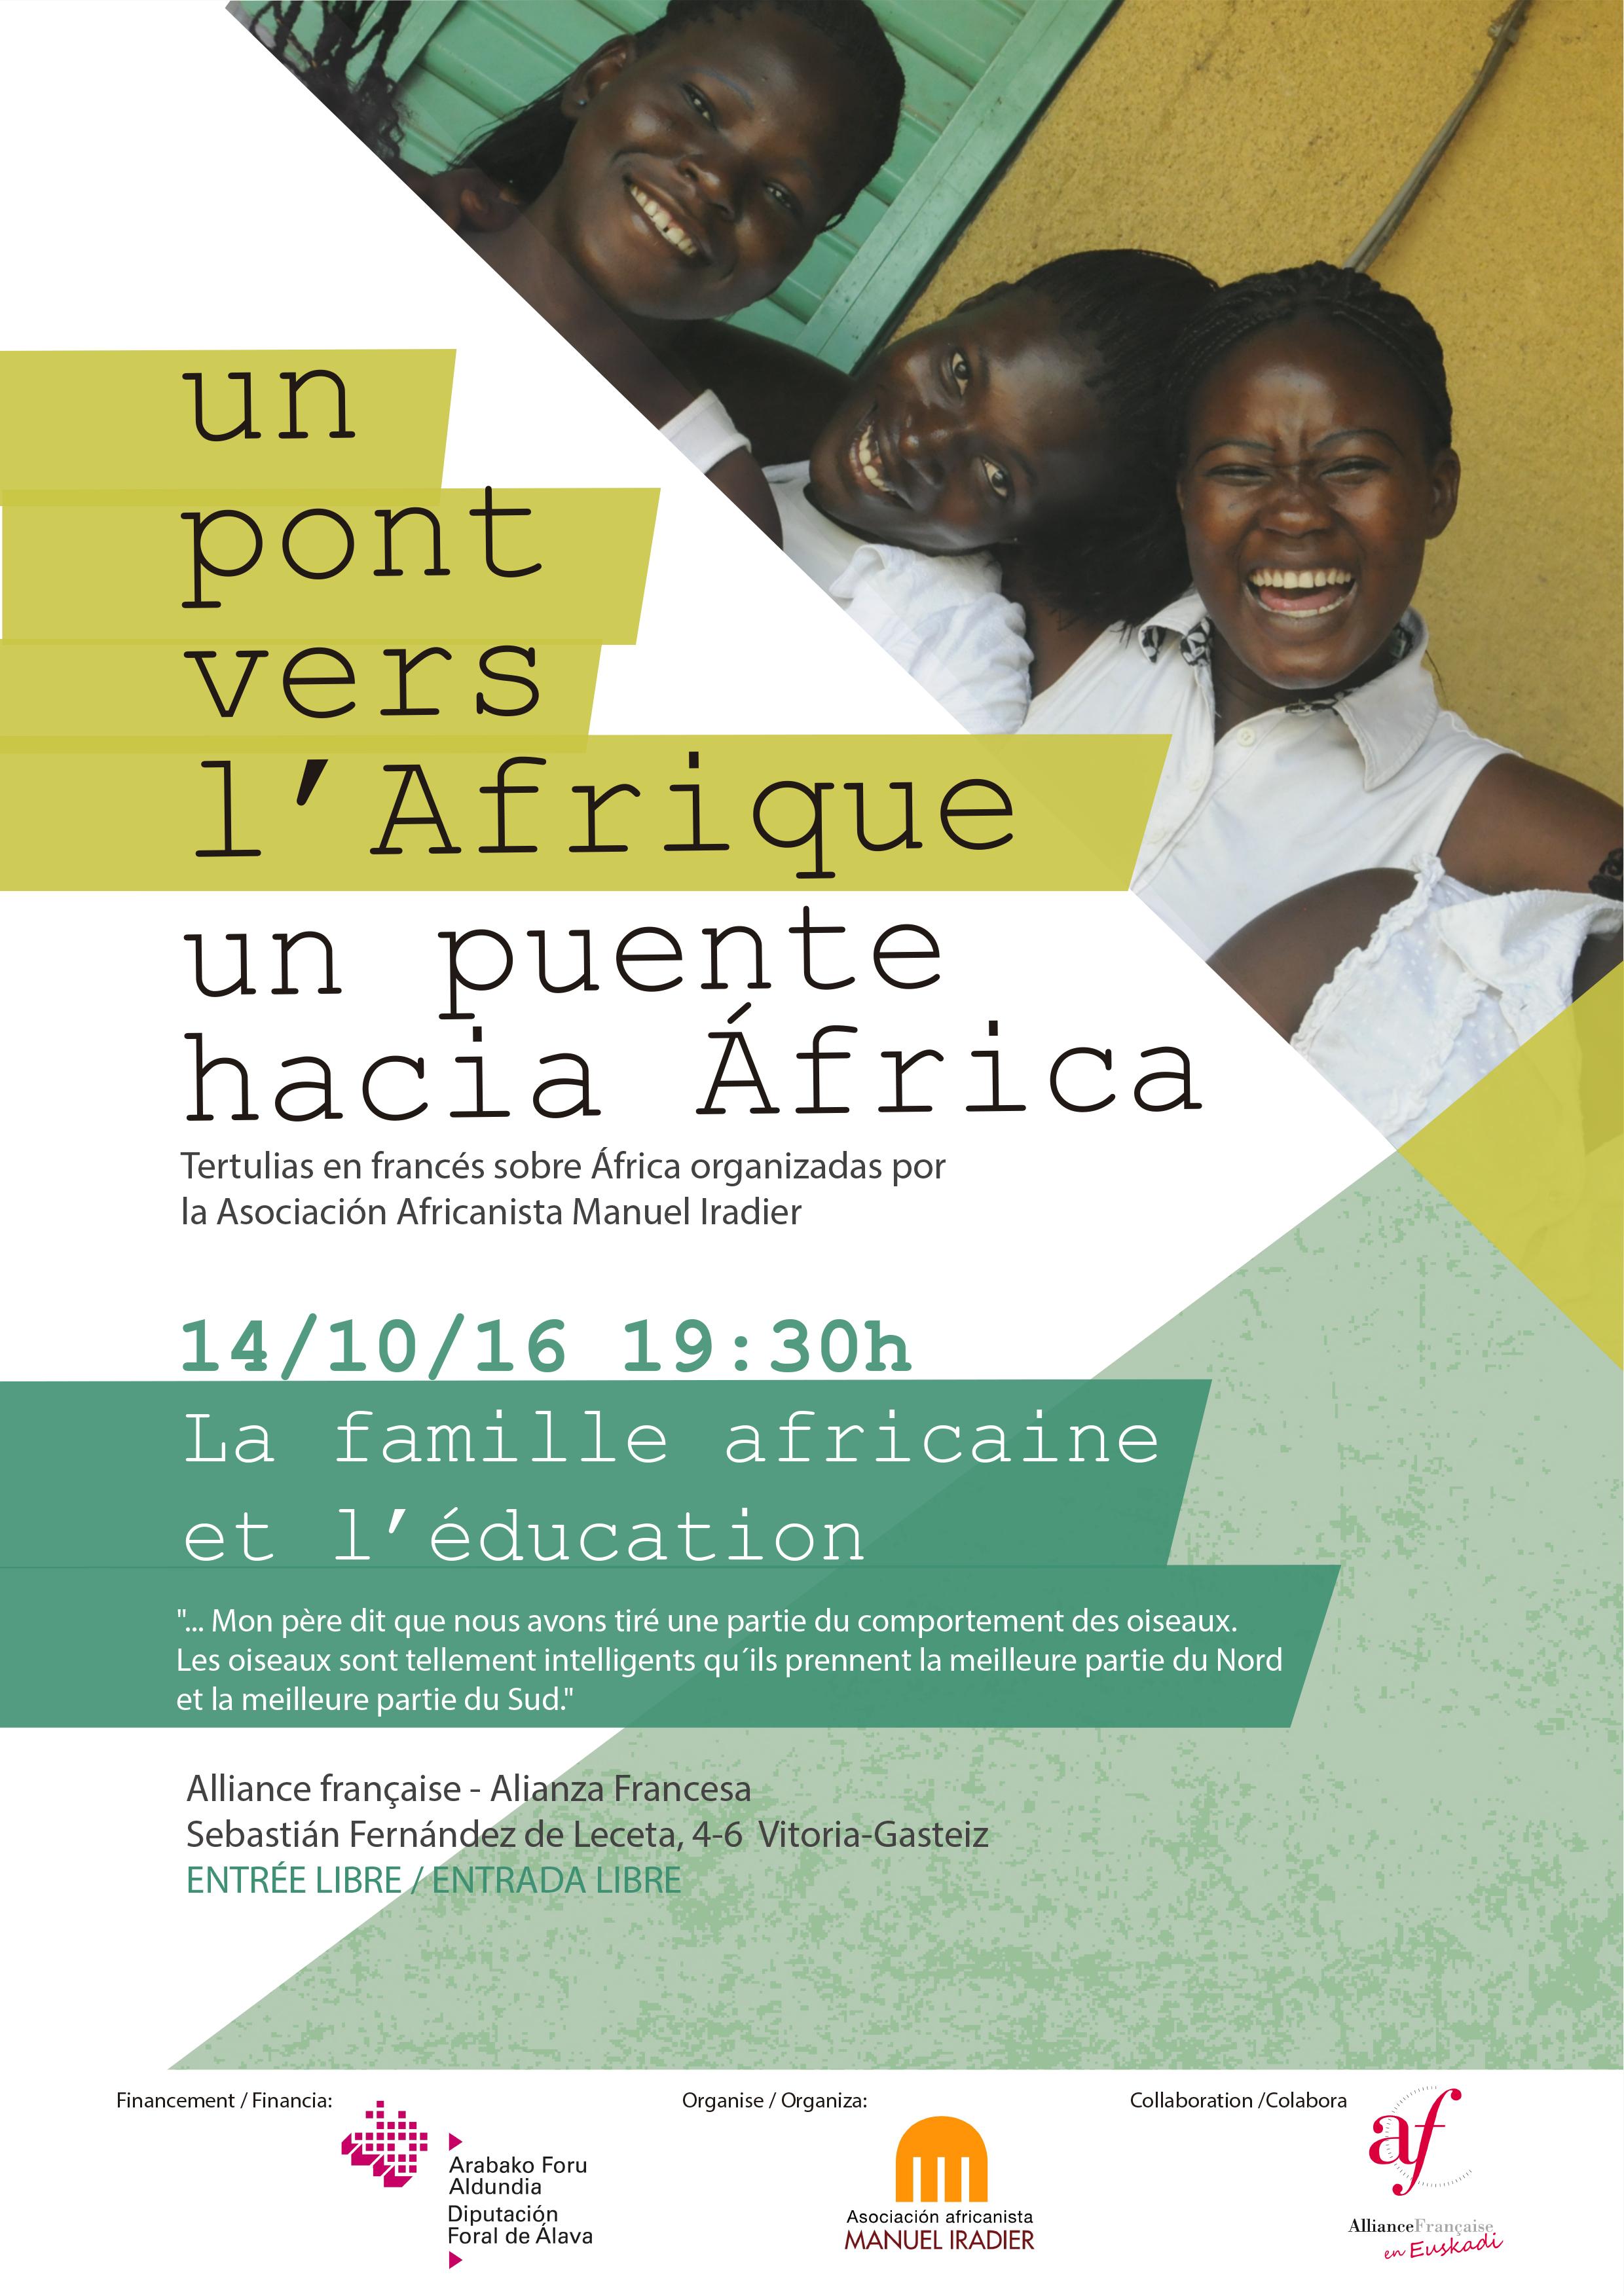 Tertulia en francés: La famille africaine et l'éducation